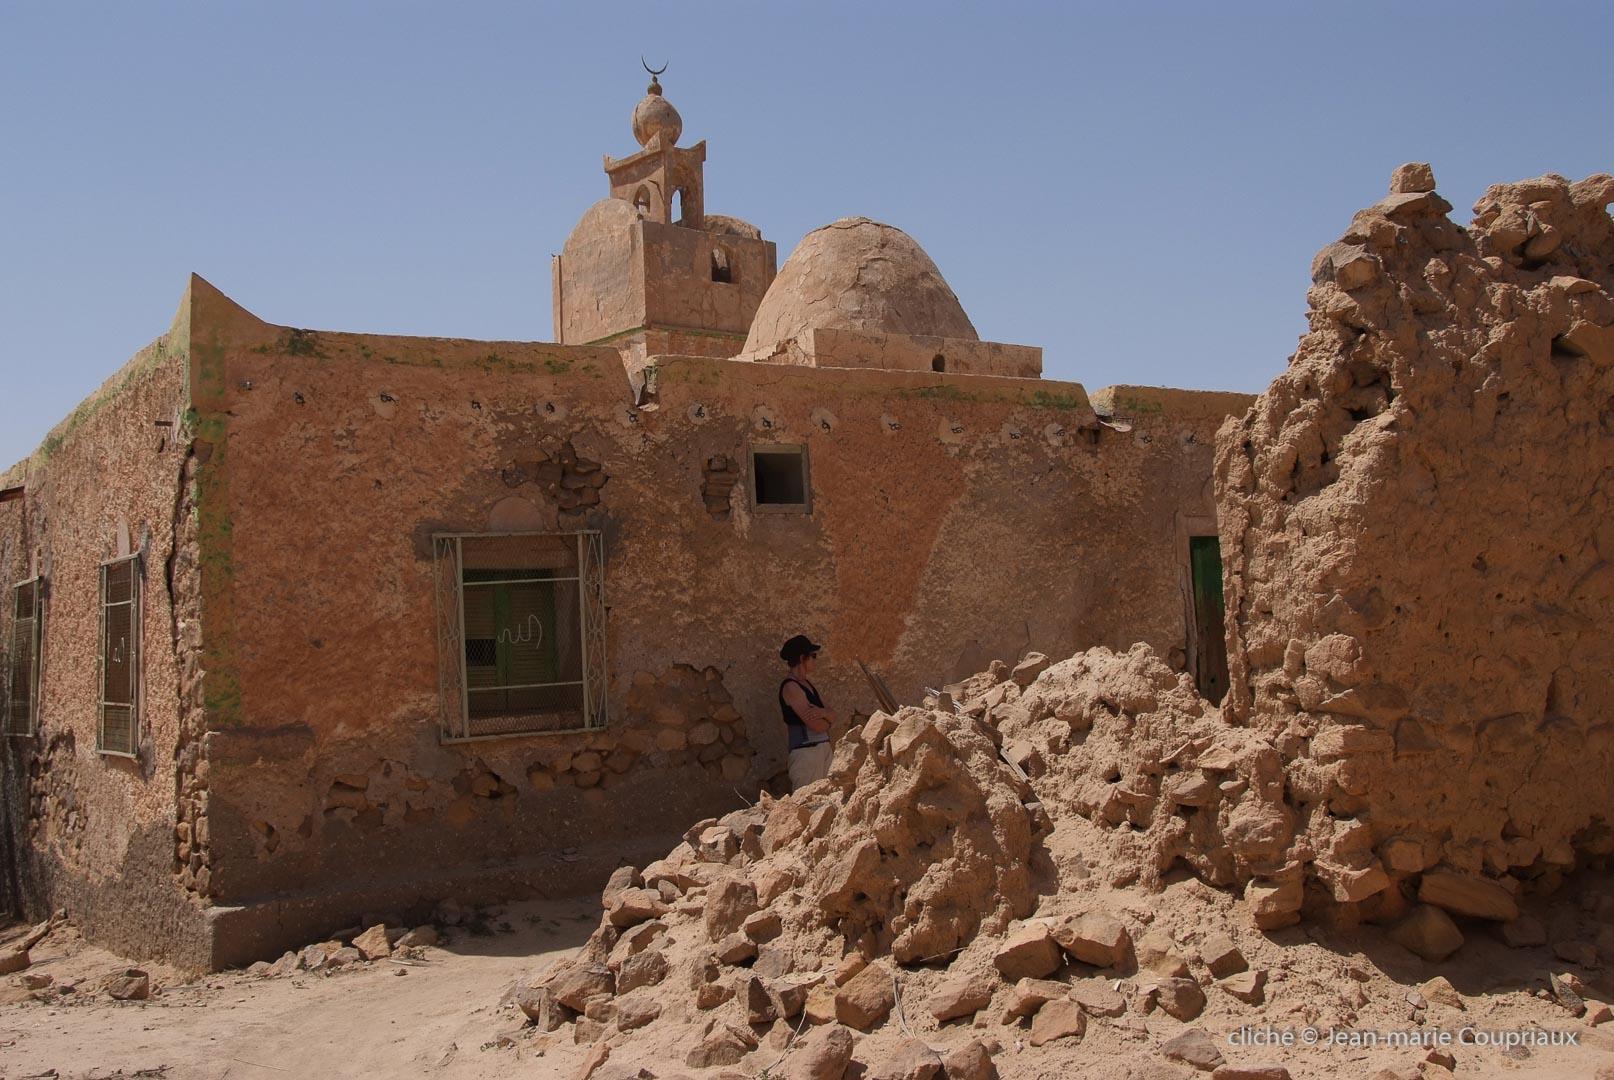 802-2011_Algerie-662